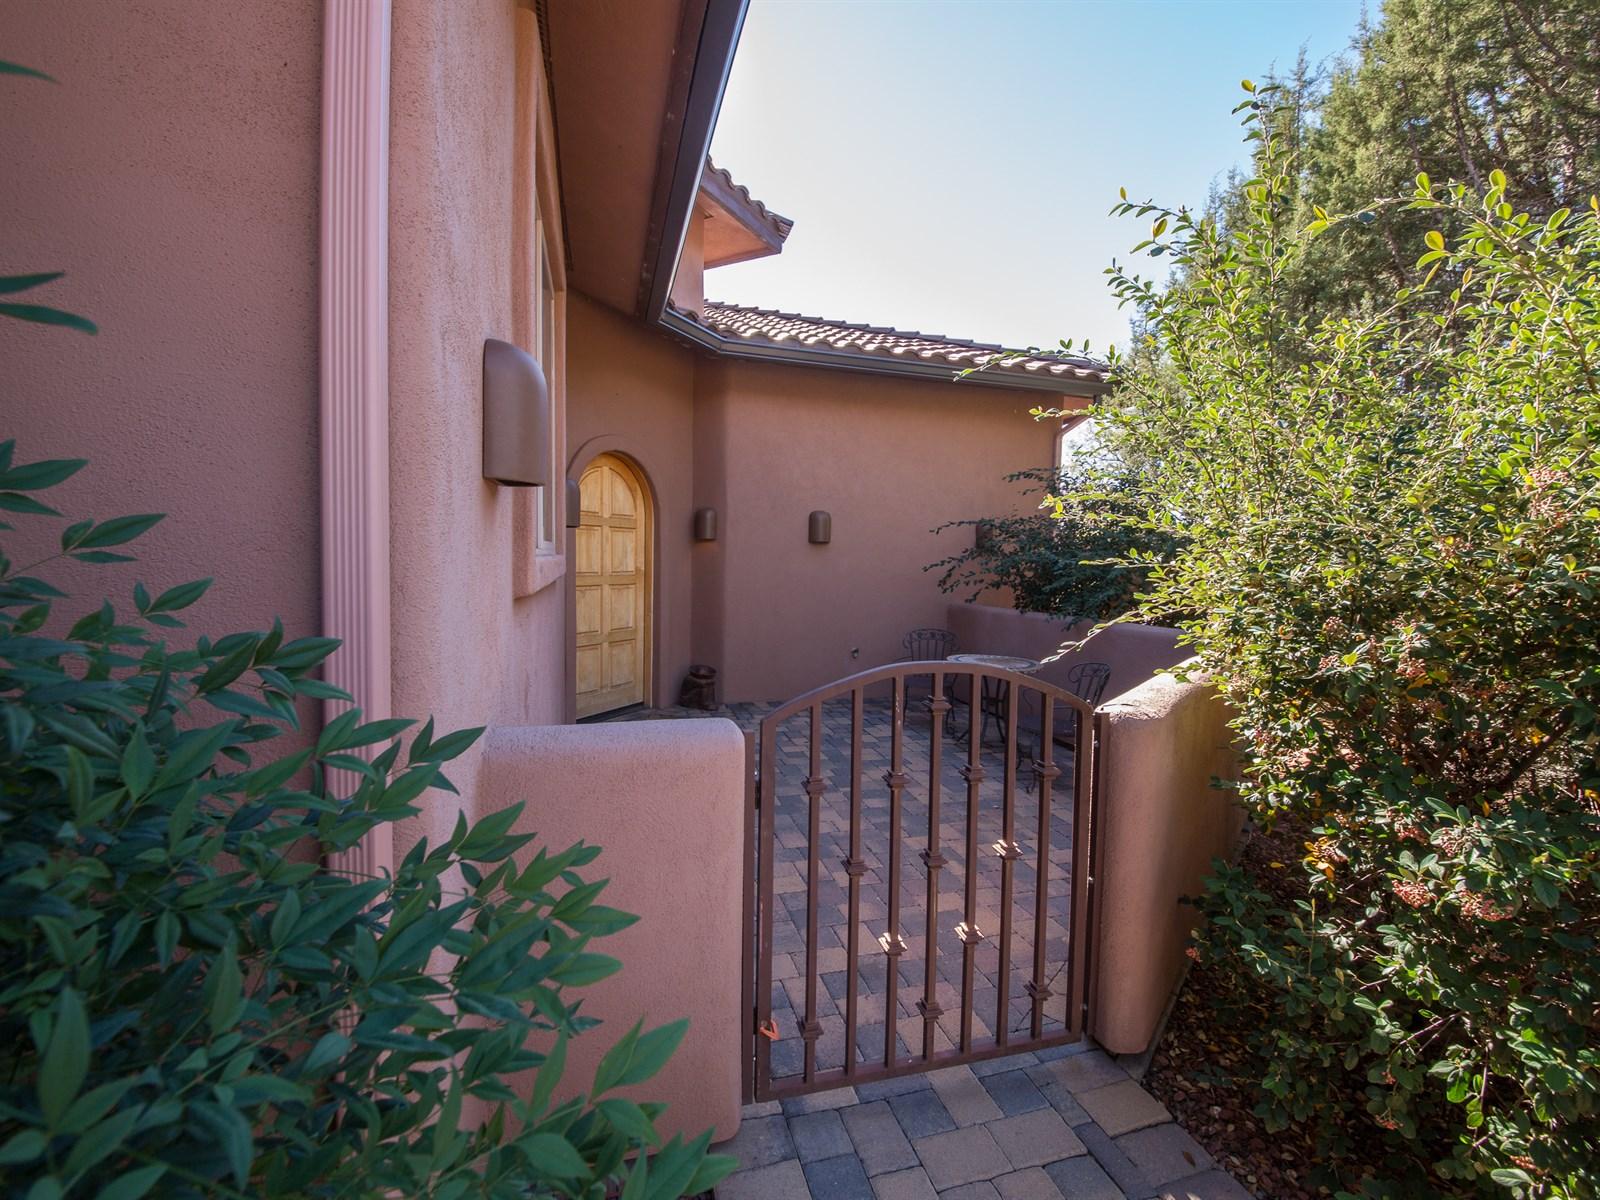 Casa Unifamiliar por un Venta en Elegant Sedona Home 10 N Roan Court Sedona, Arizona 86336 Estados Unidos